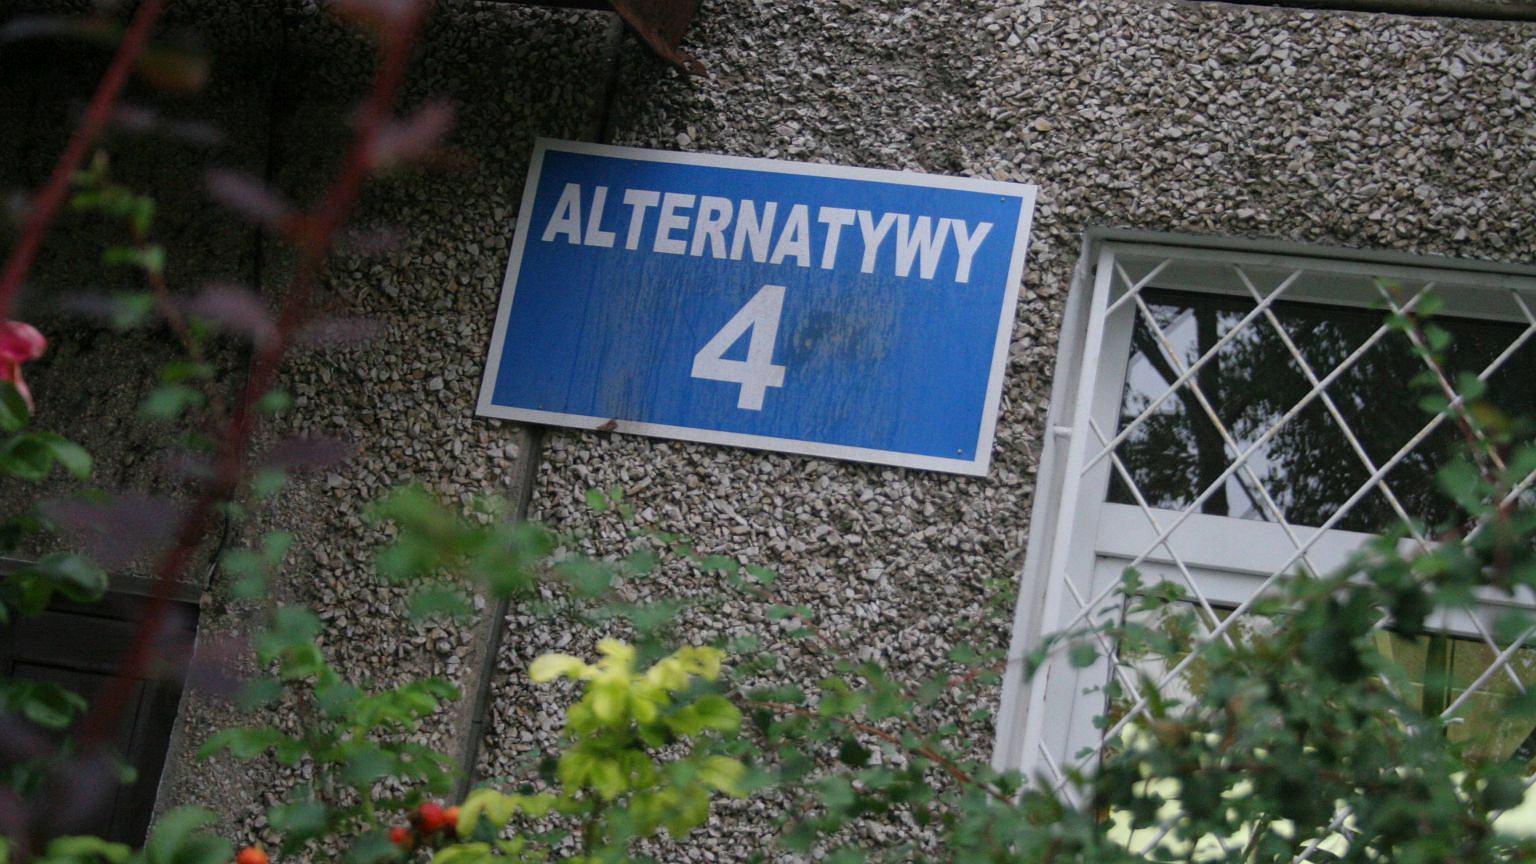 Filmowa ulica Alternatywy 4 to w rzeczywistości budynek przy ulicy Grzegorzewskiej 3 na Ursynowie